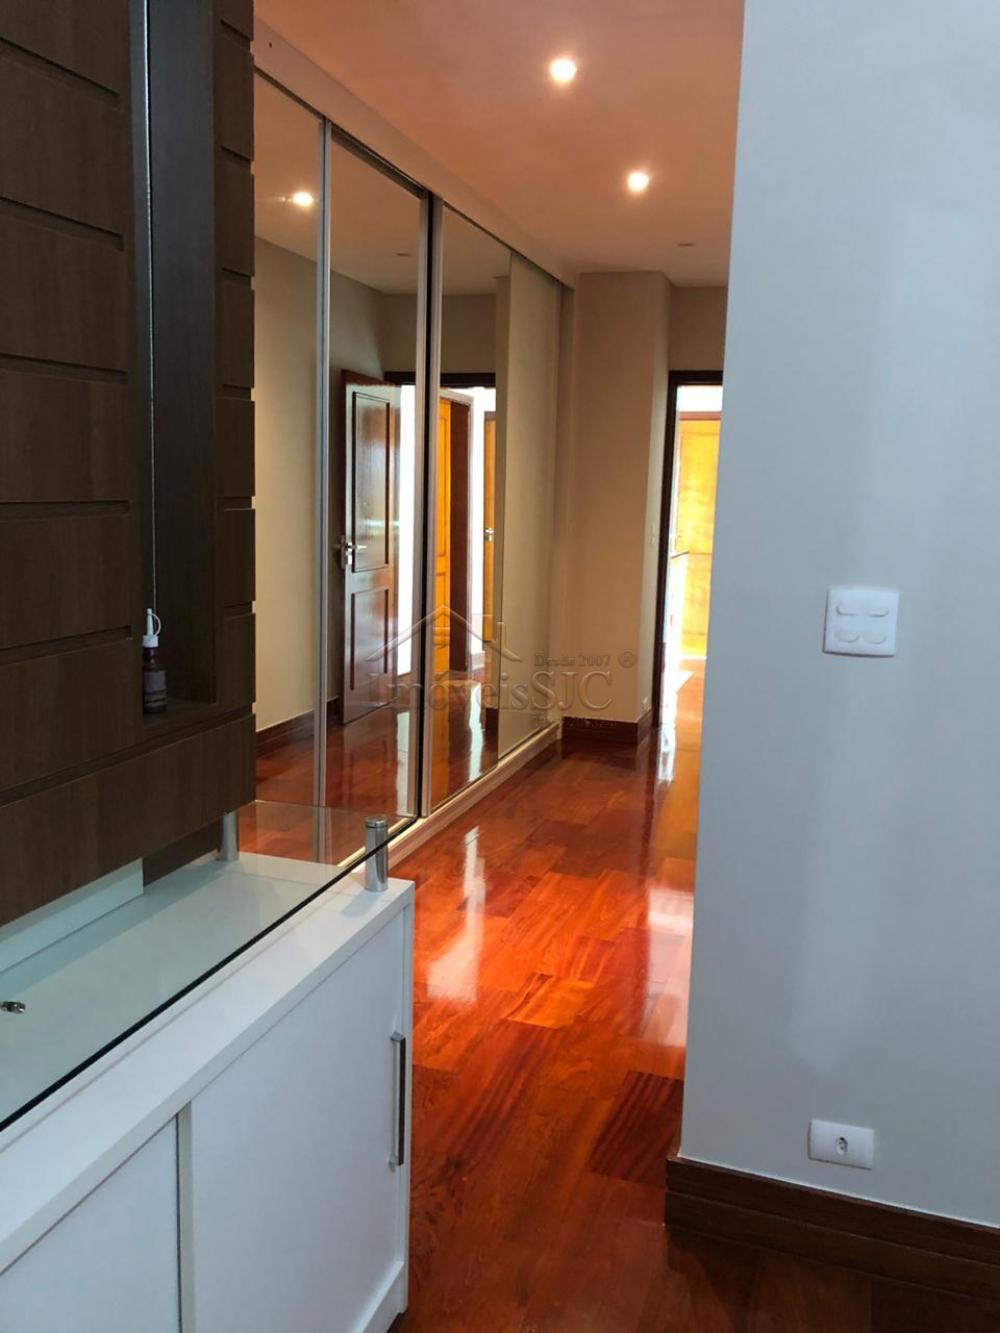 Comprar Casas / Condomínio em São José dos Campos apenas R$ 1.600.000,00 - Foto 20